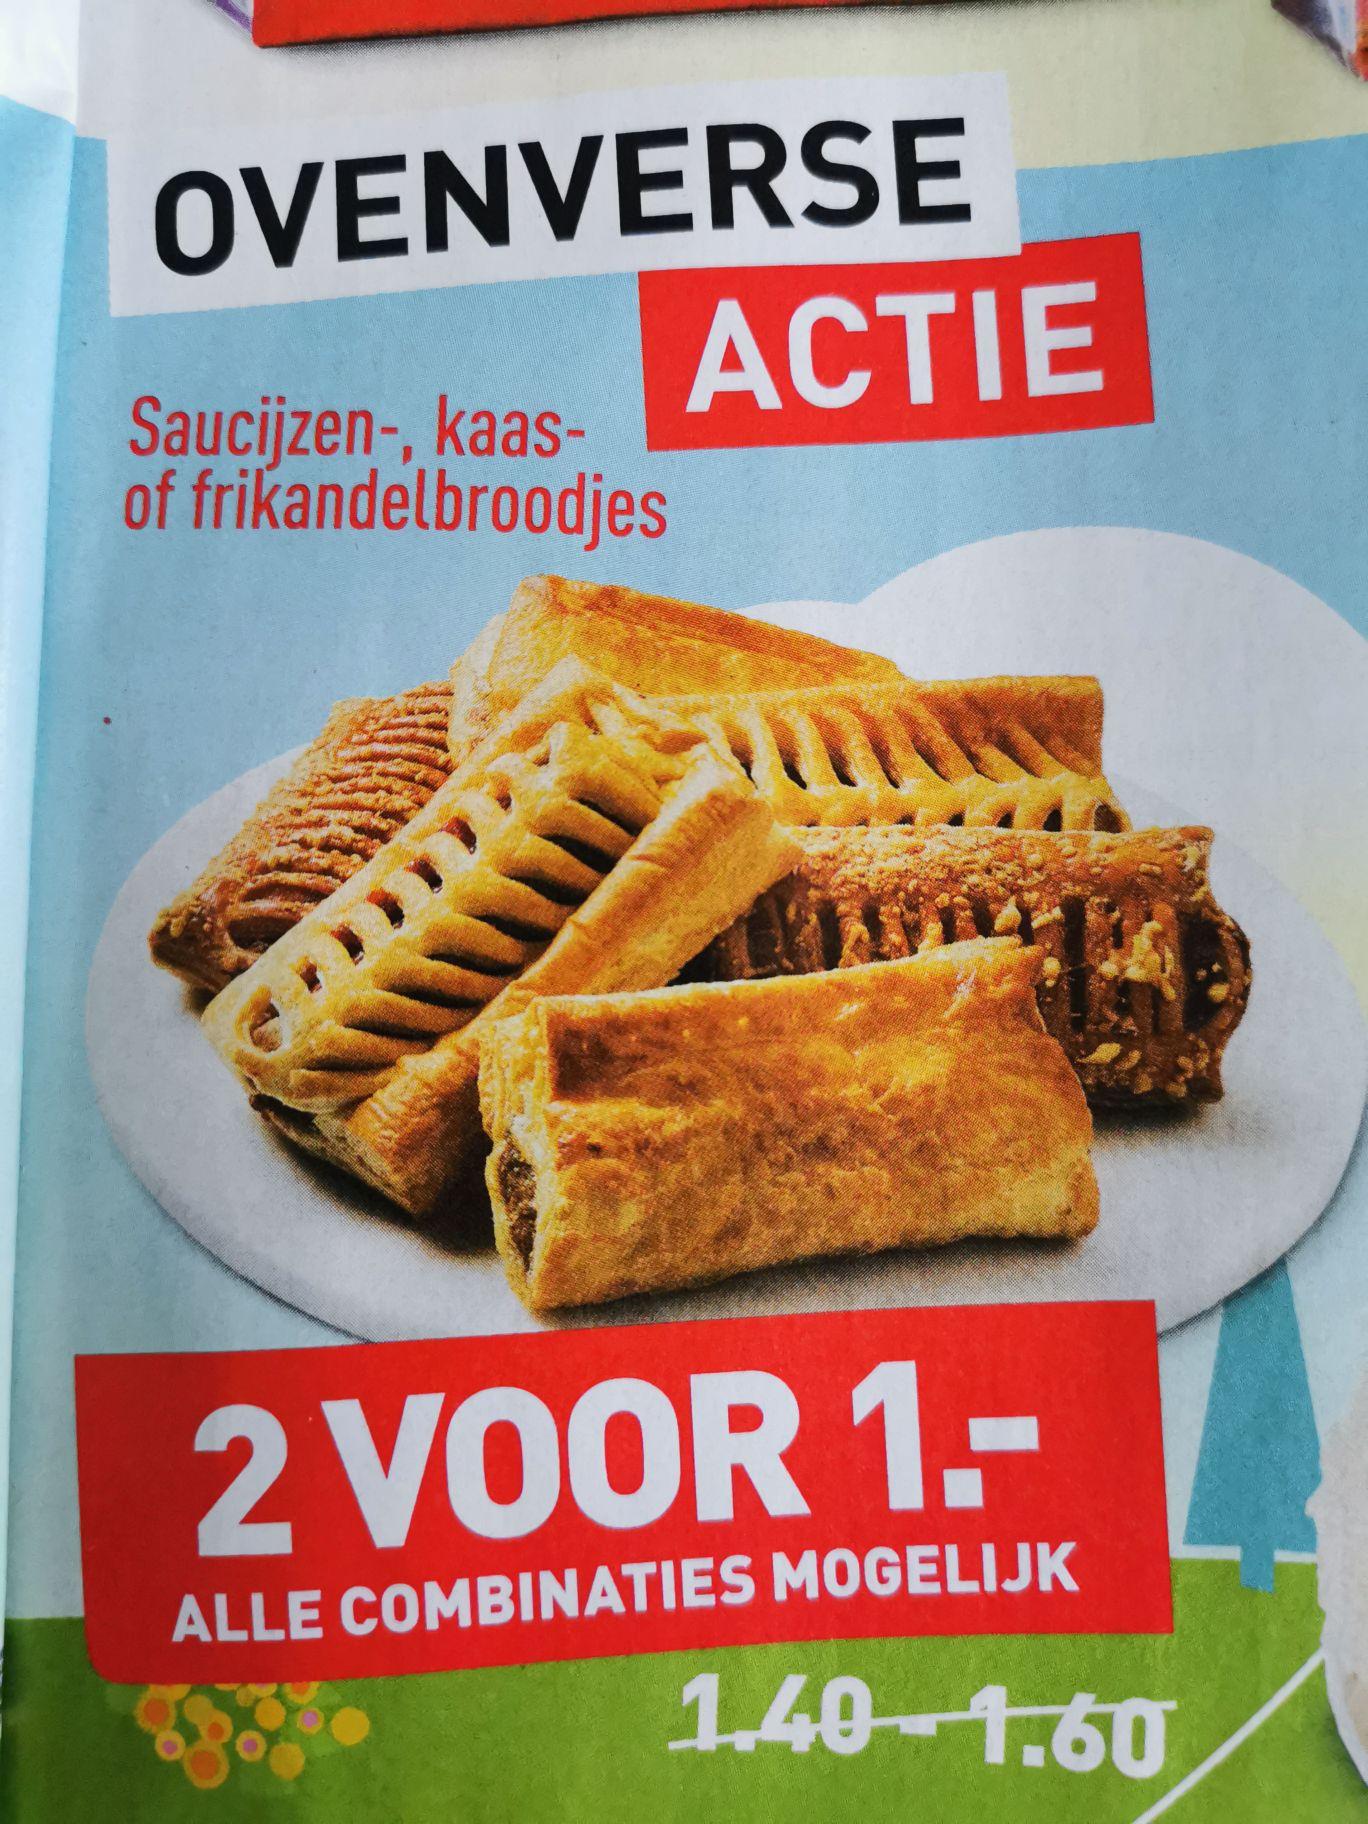 2 saucijzen-, kaas- of frikandelbroodjes voor 1 Euro @Aldi